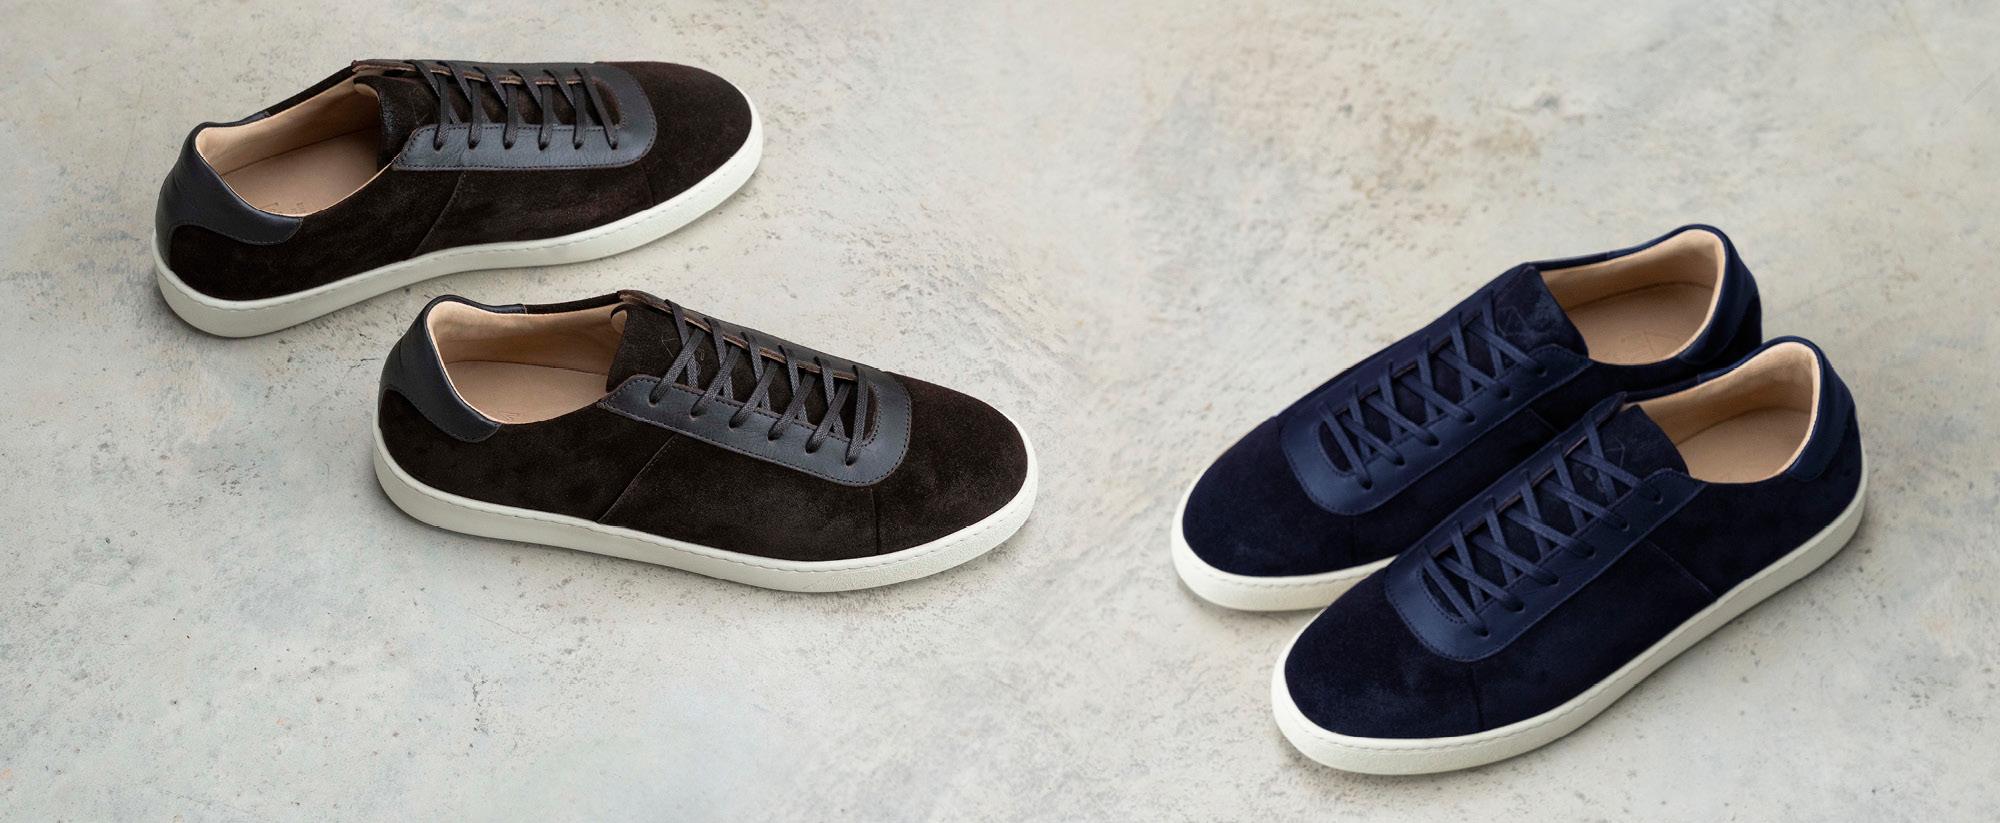 Waxed Suede Designer Sneakers - Mens Sneakers